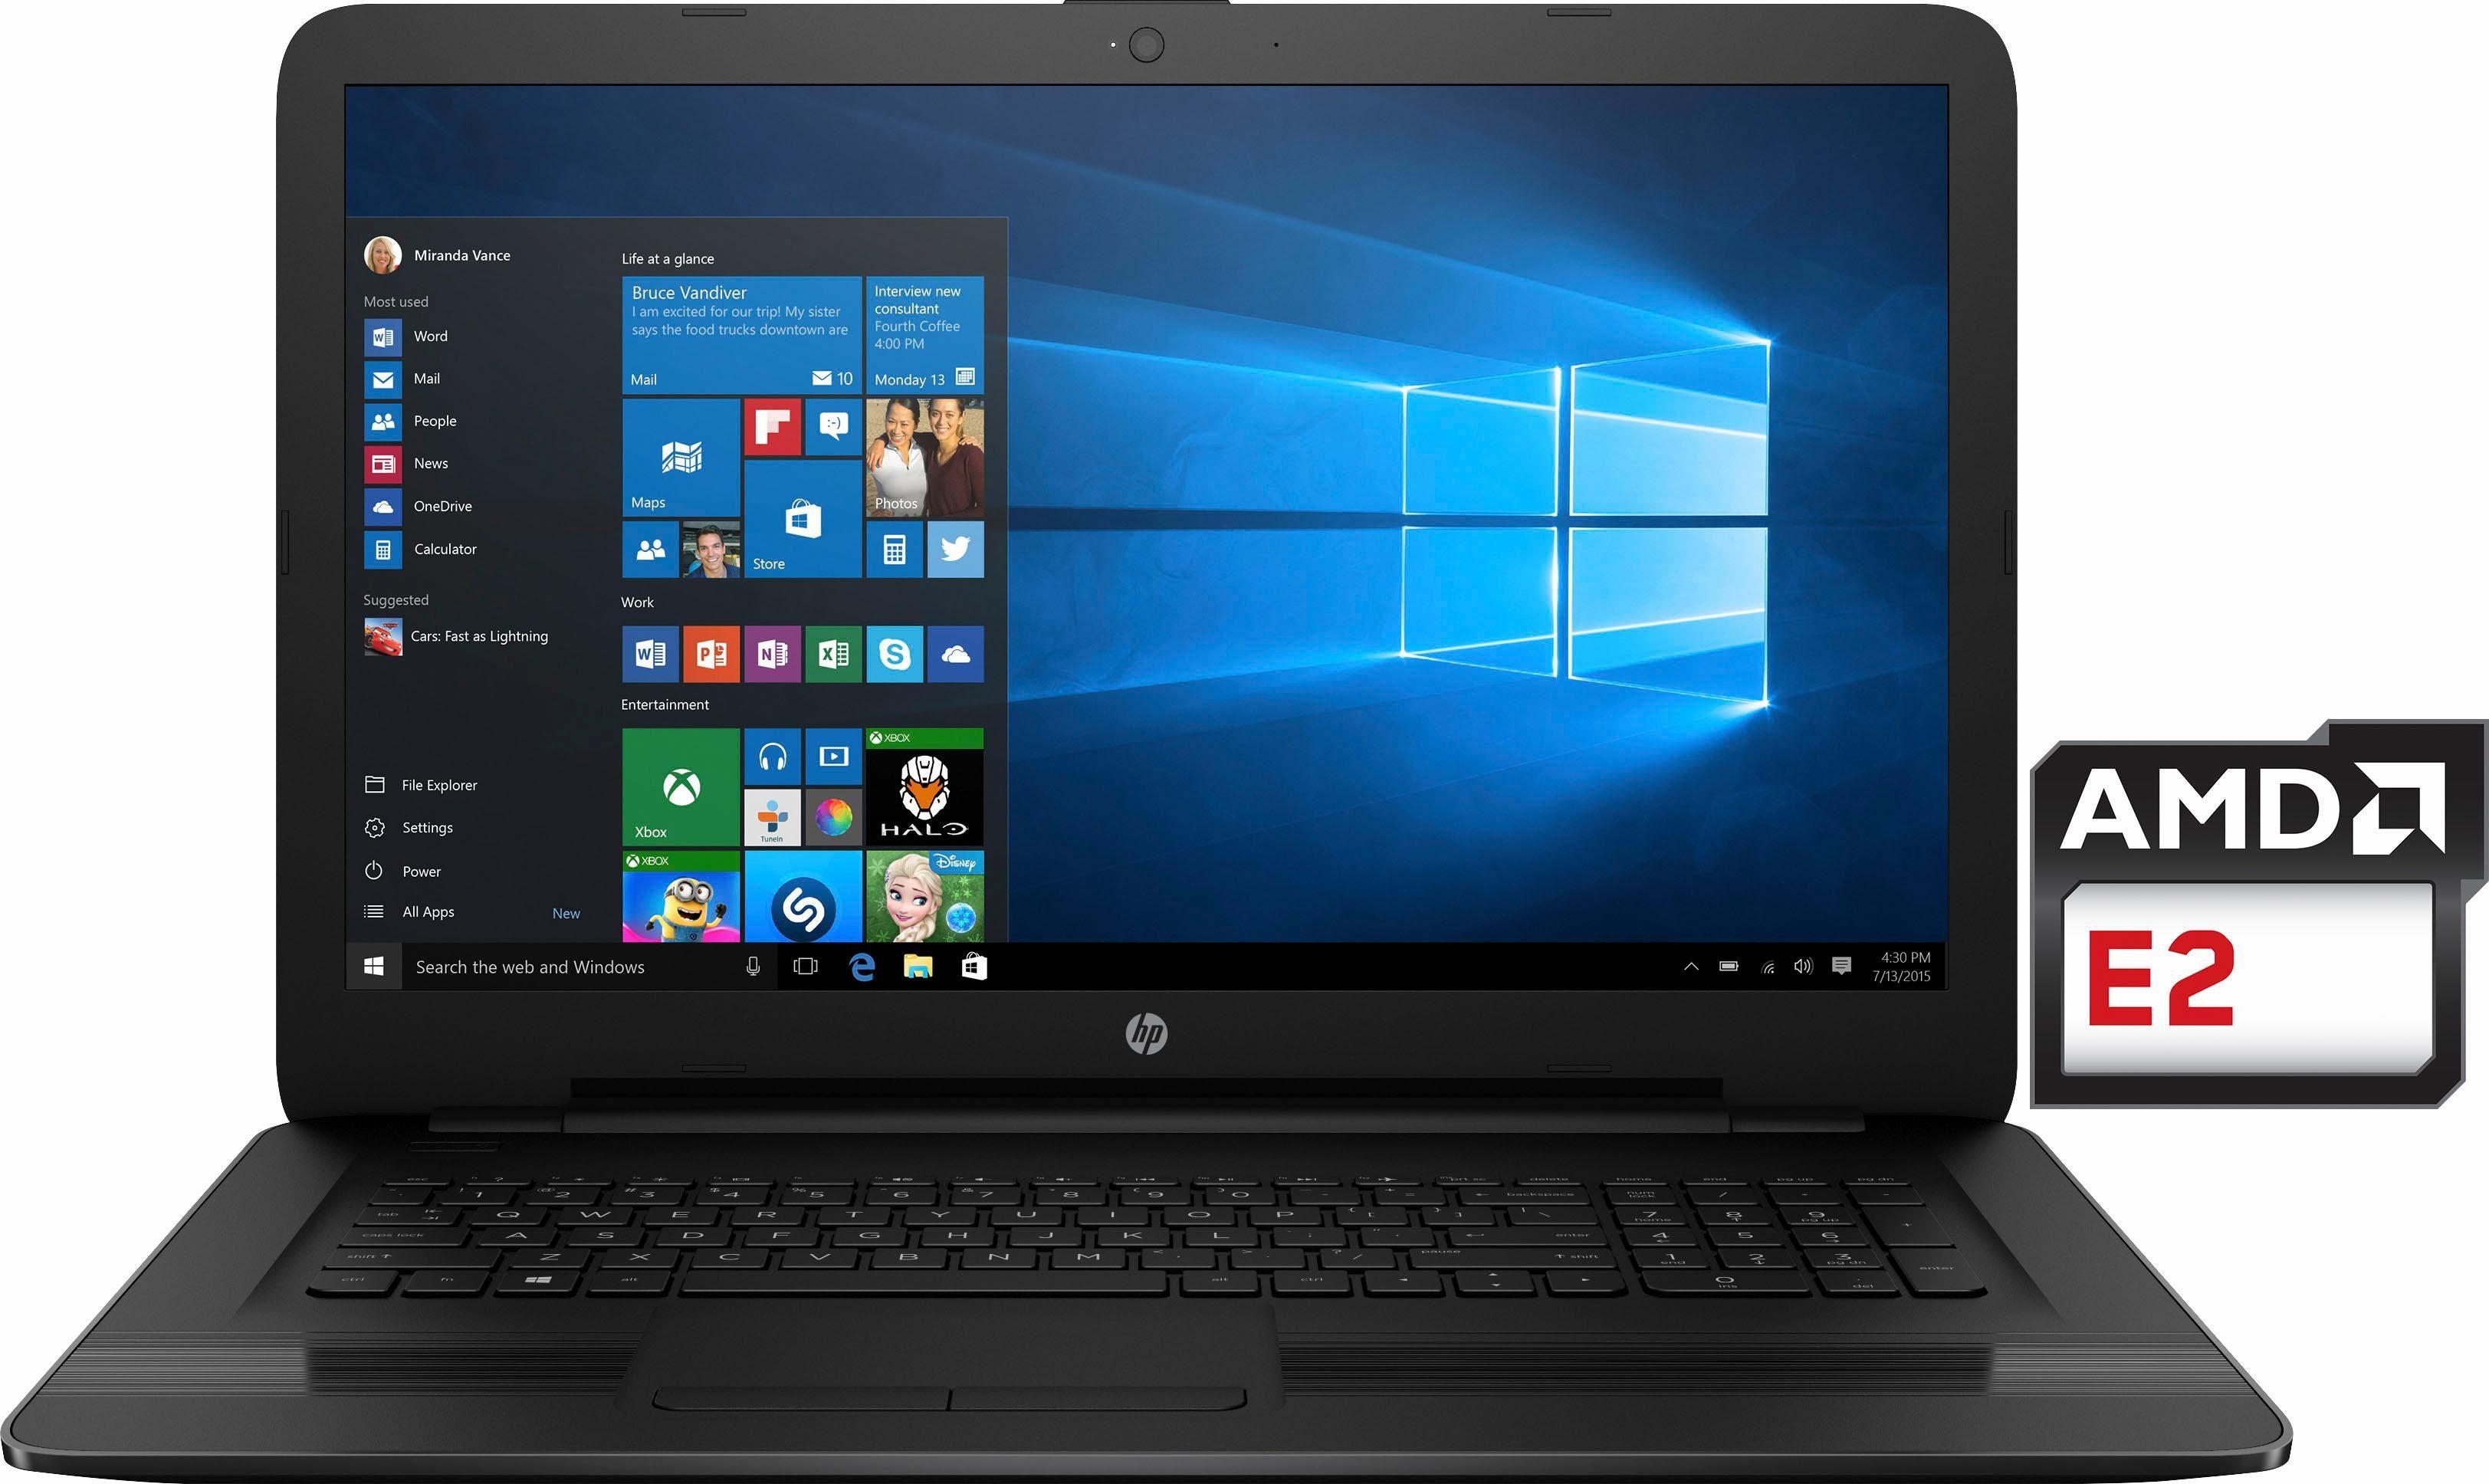 HP 17-y058ng Notebook, AMD E2, 43,9 cm (17,3 Zoll), 500 GB Speicher, 4096 MB DDR3L-SDRAM